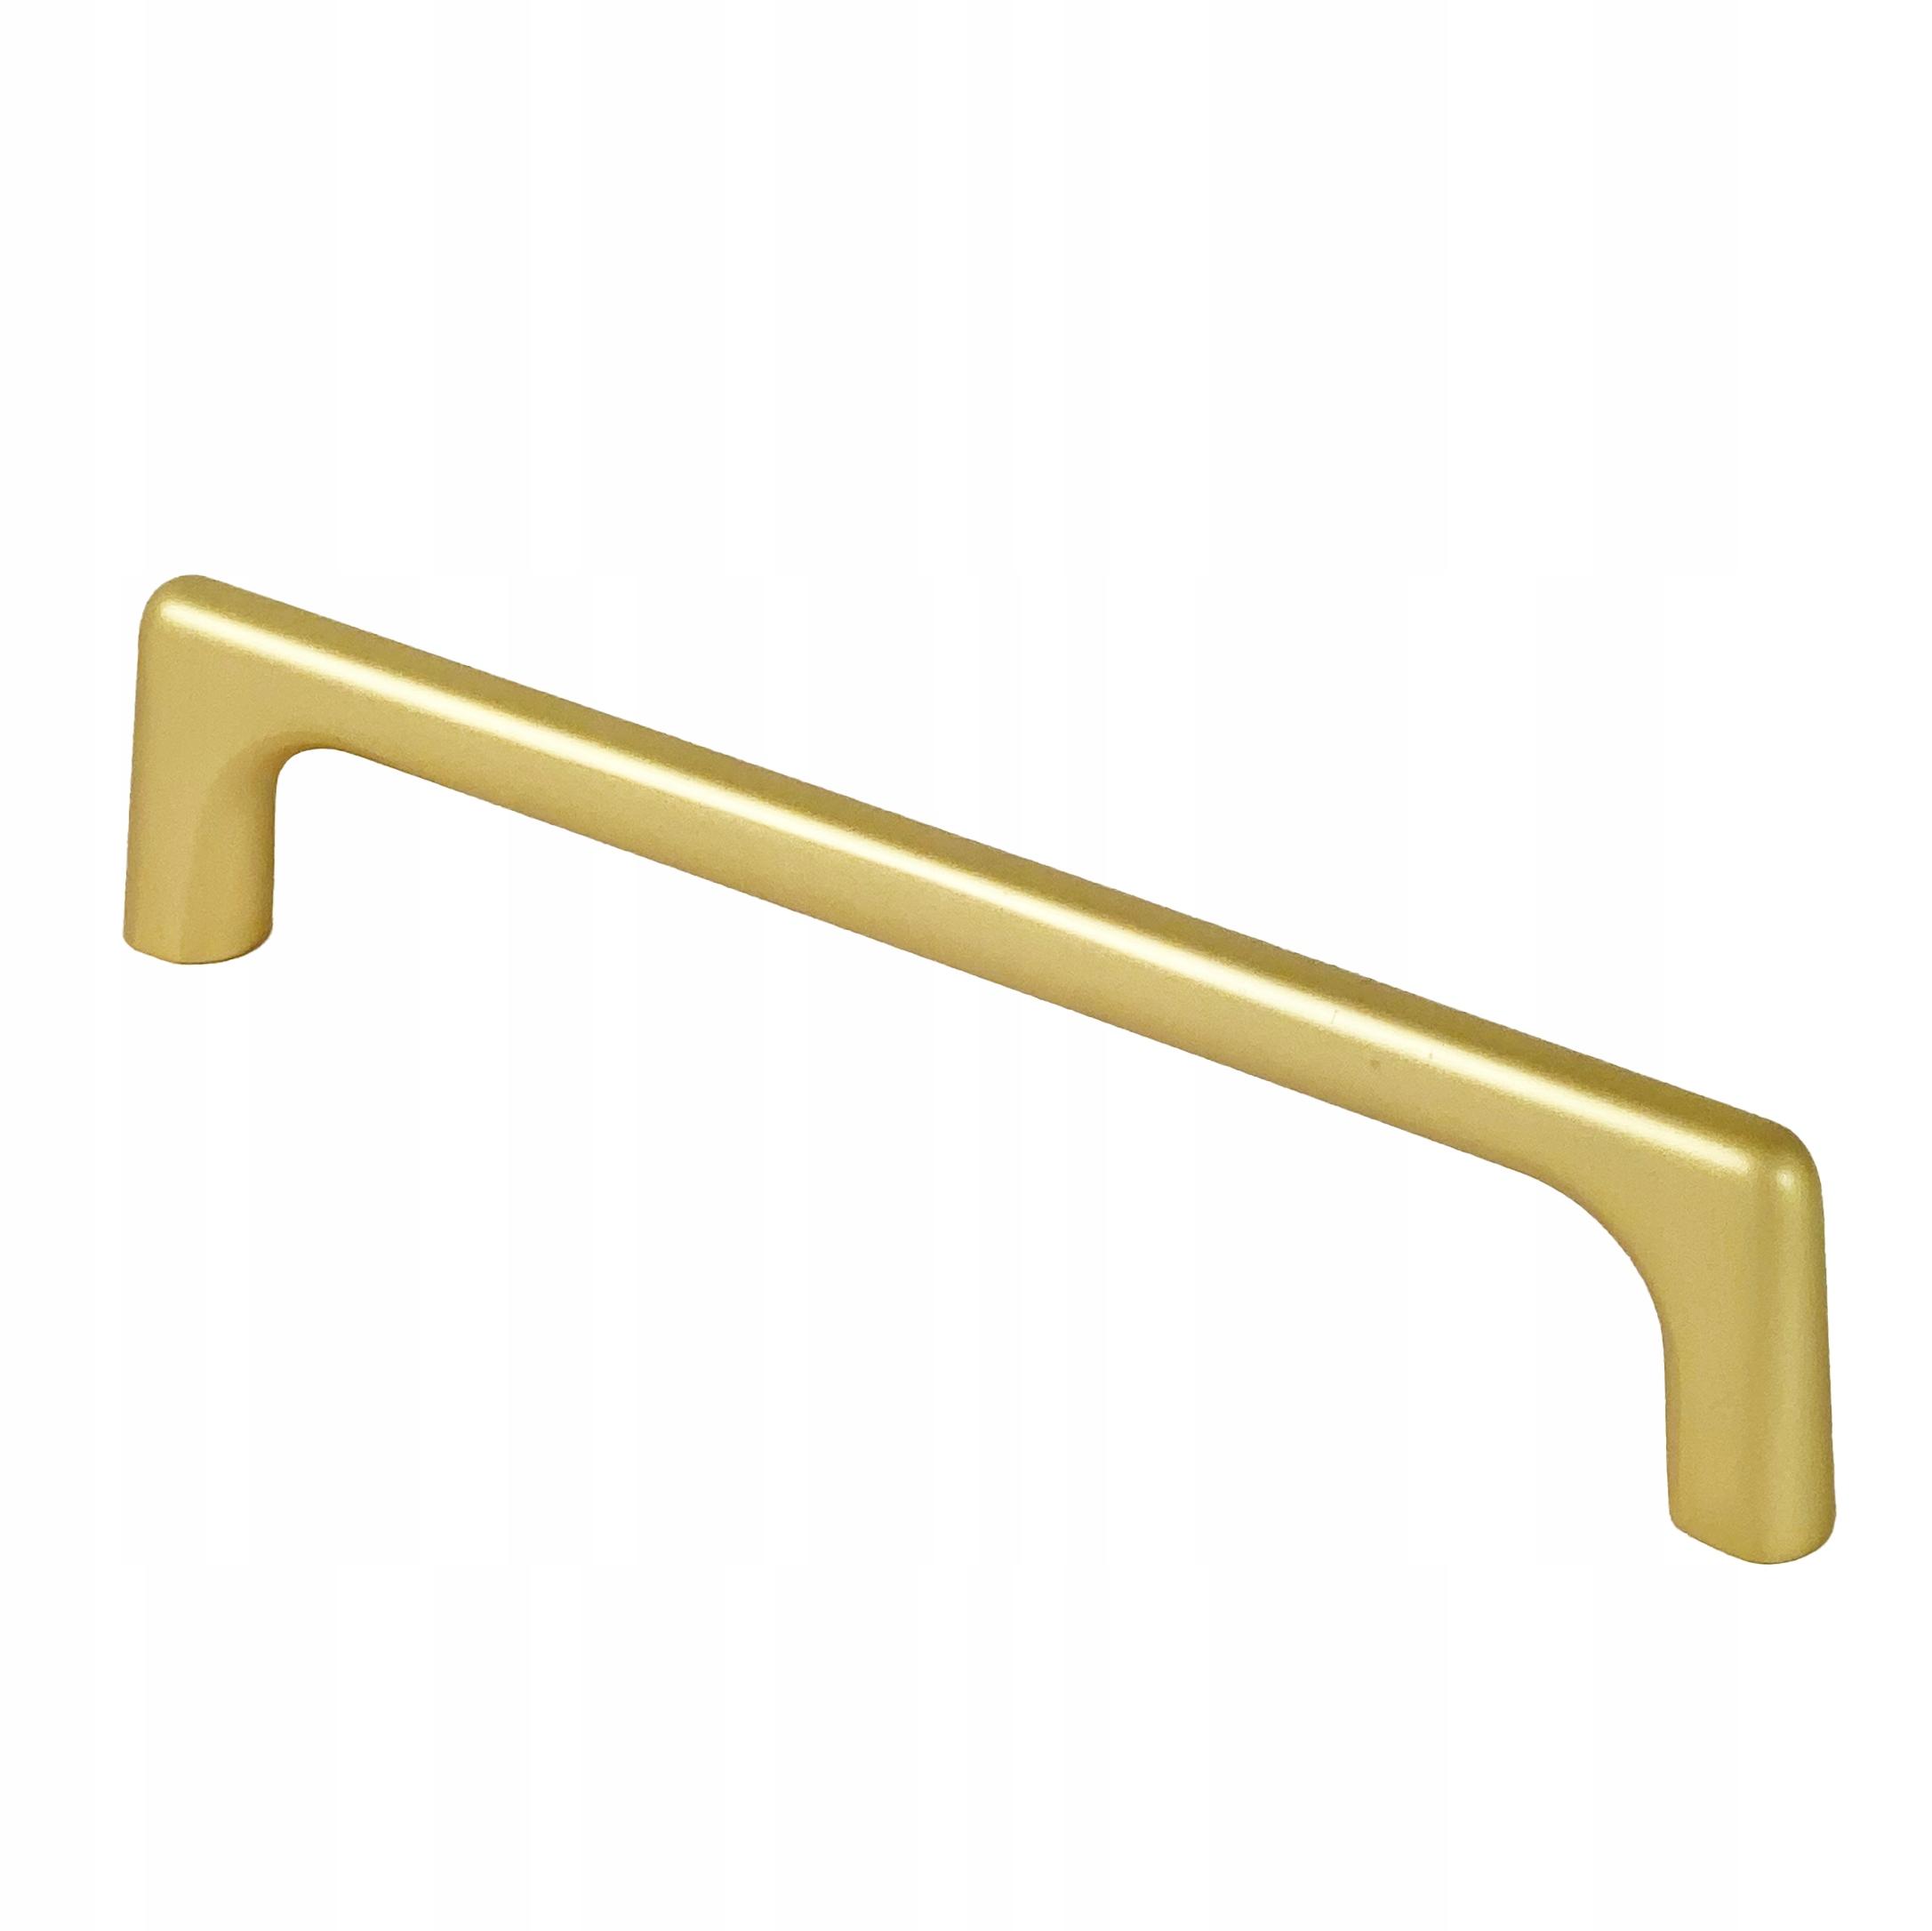 Ручка мебельная FIBI GOLDEN 128 мм